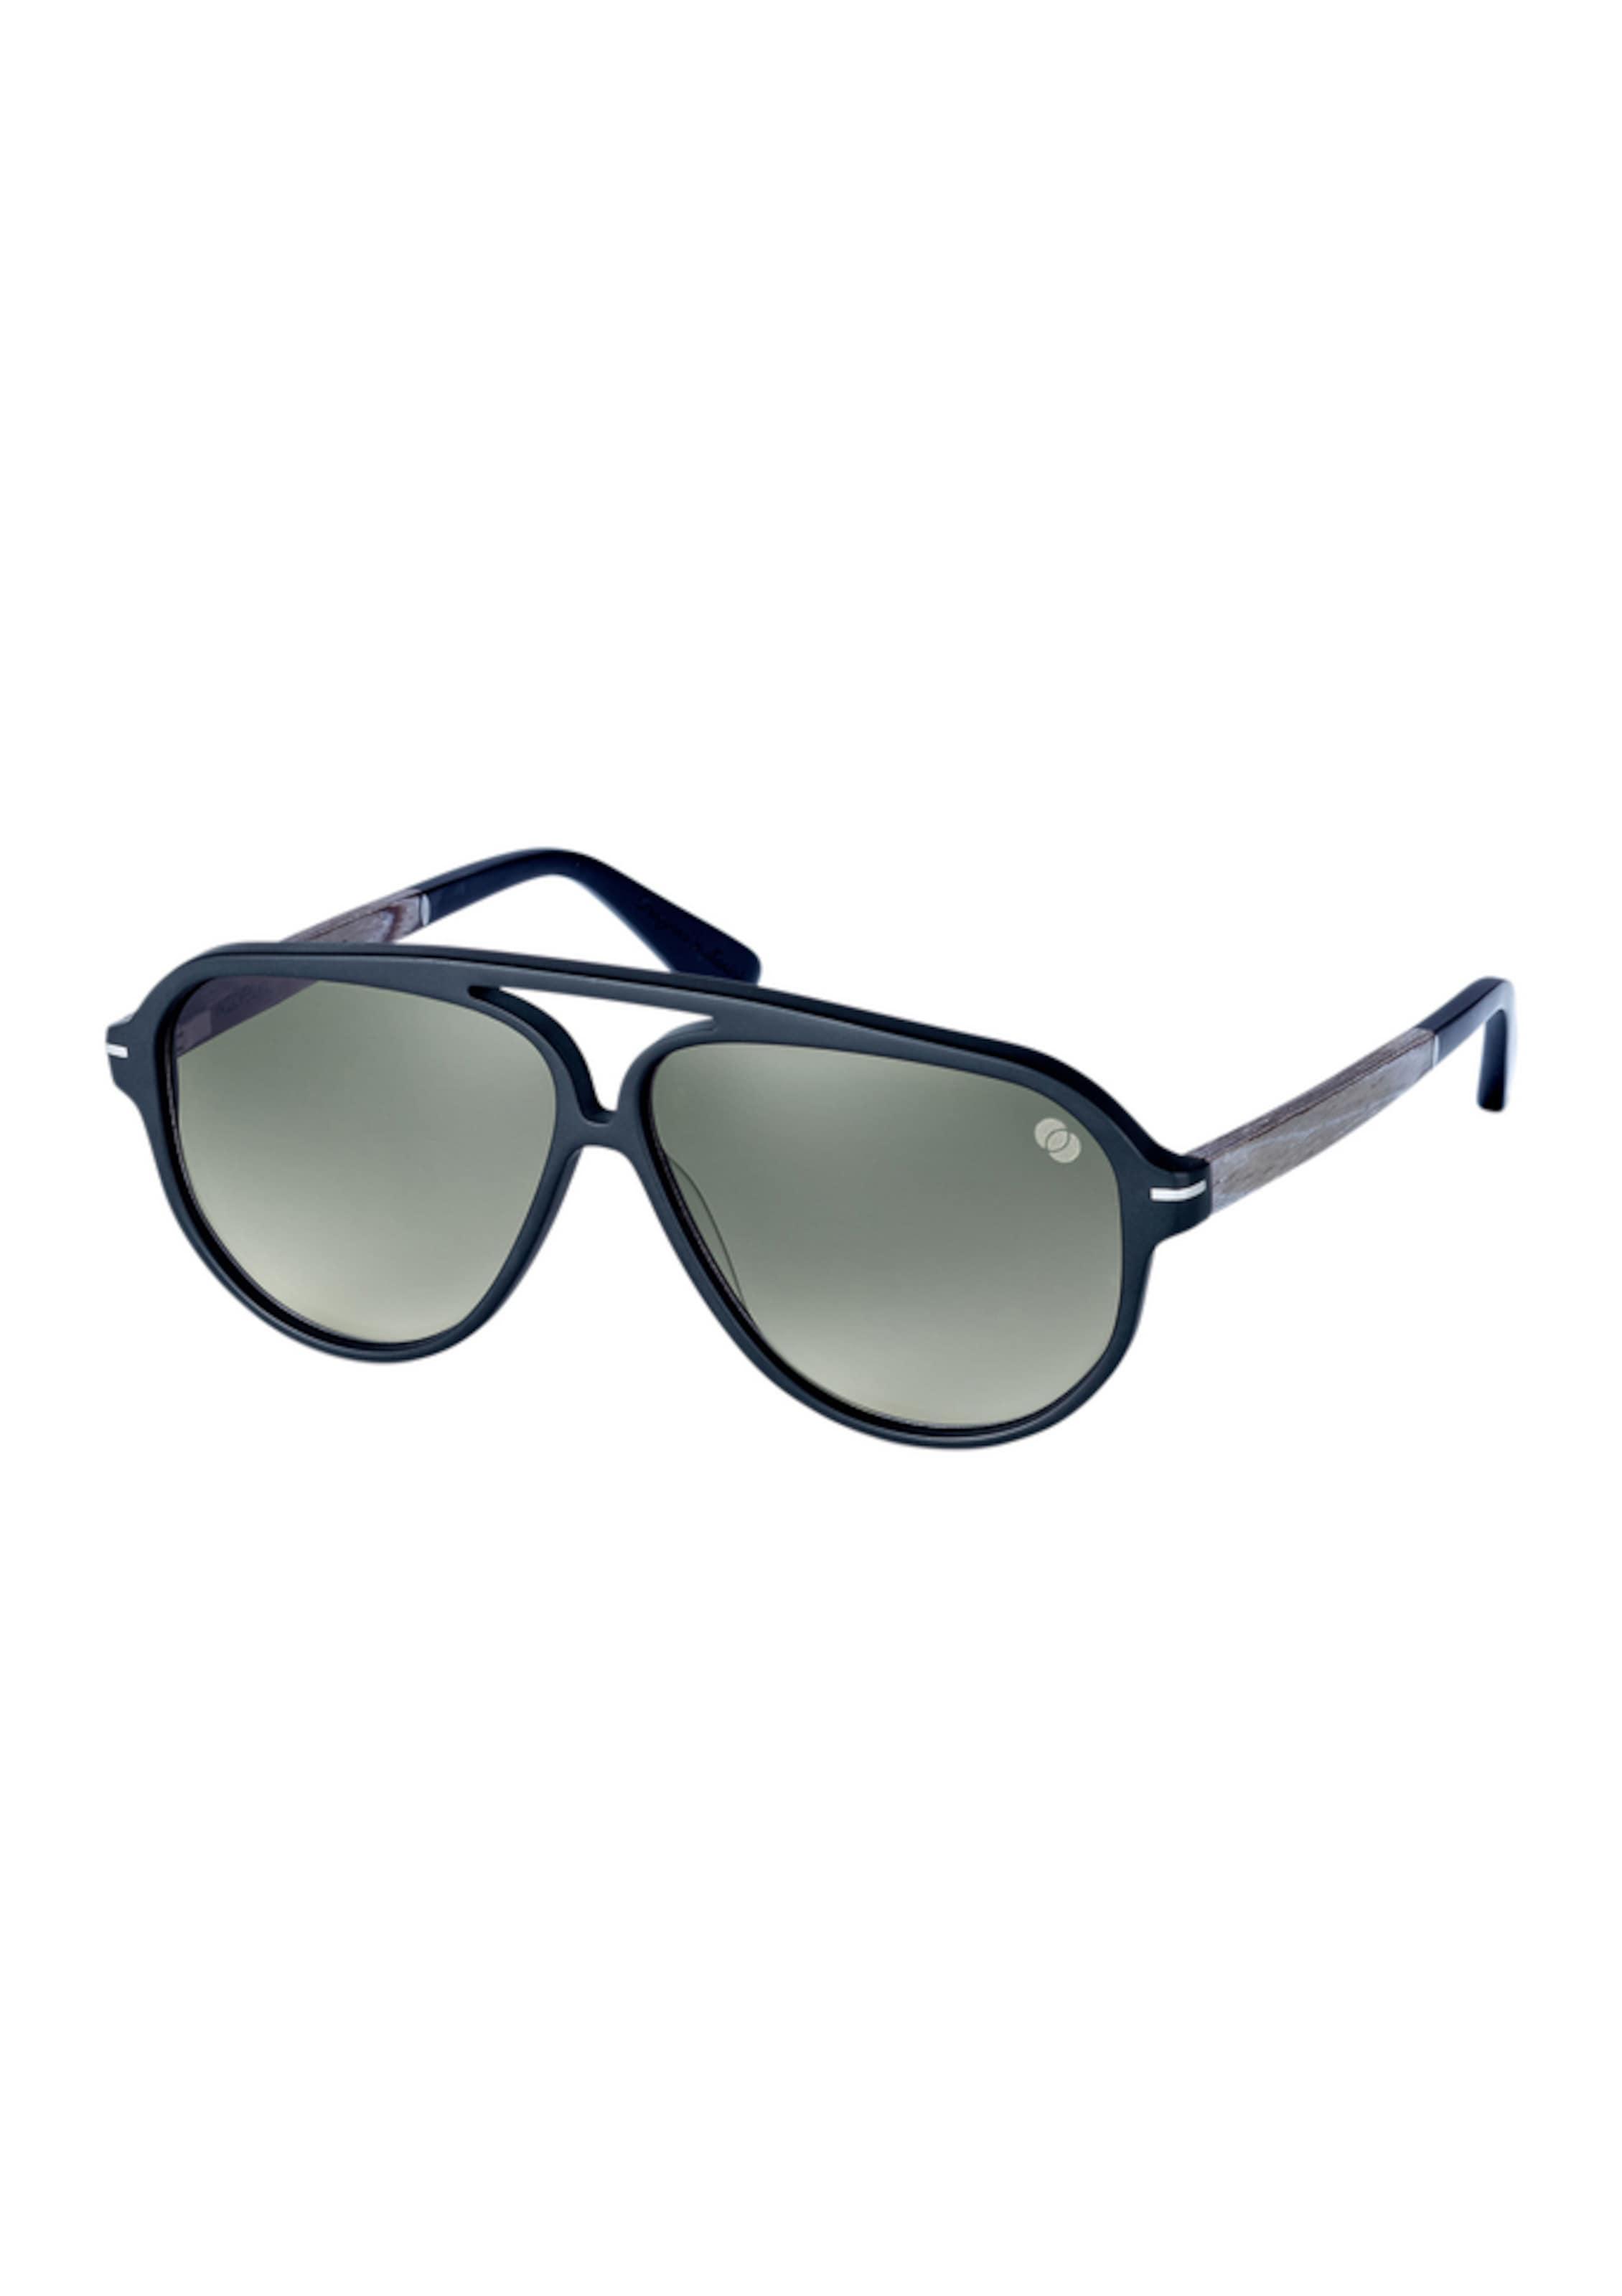 Bügel Sonnenbrille Aus In Edelholz BraunSchwarz Wood Mit Fellas PkZOXN8n0w